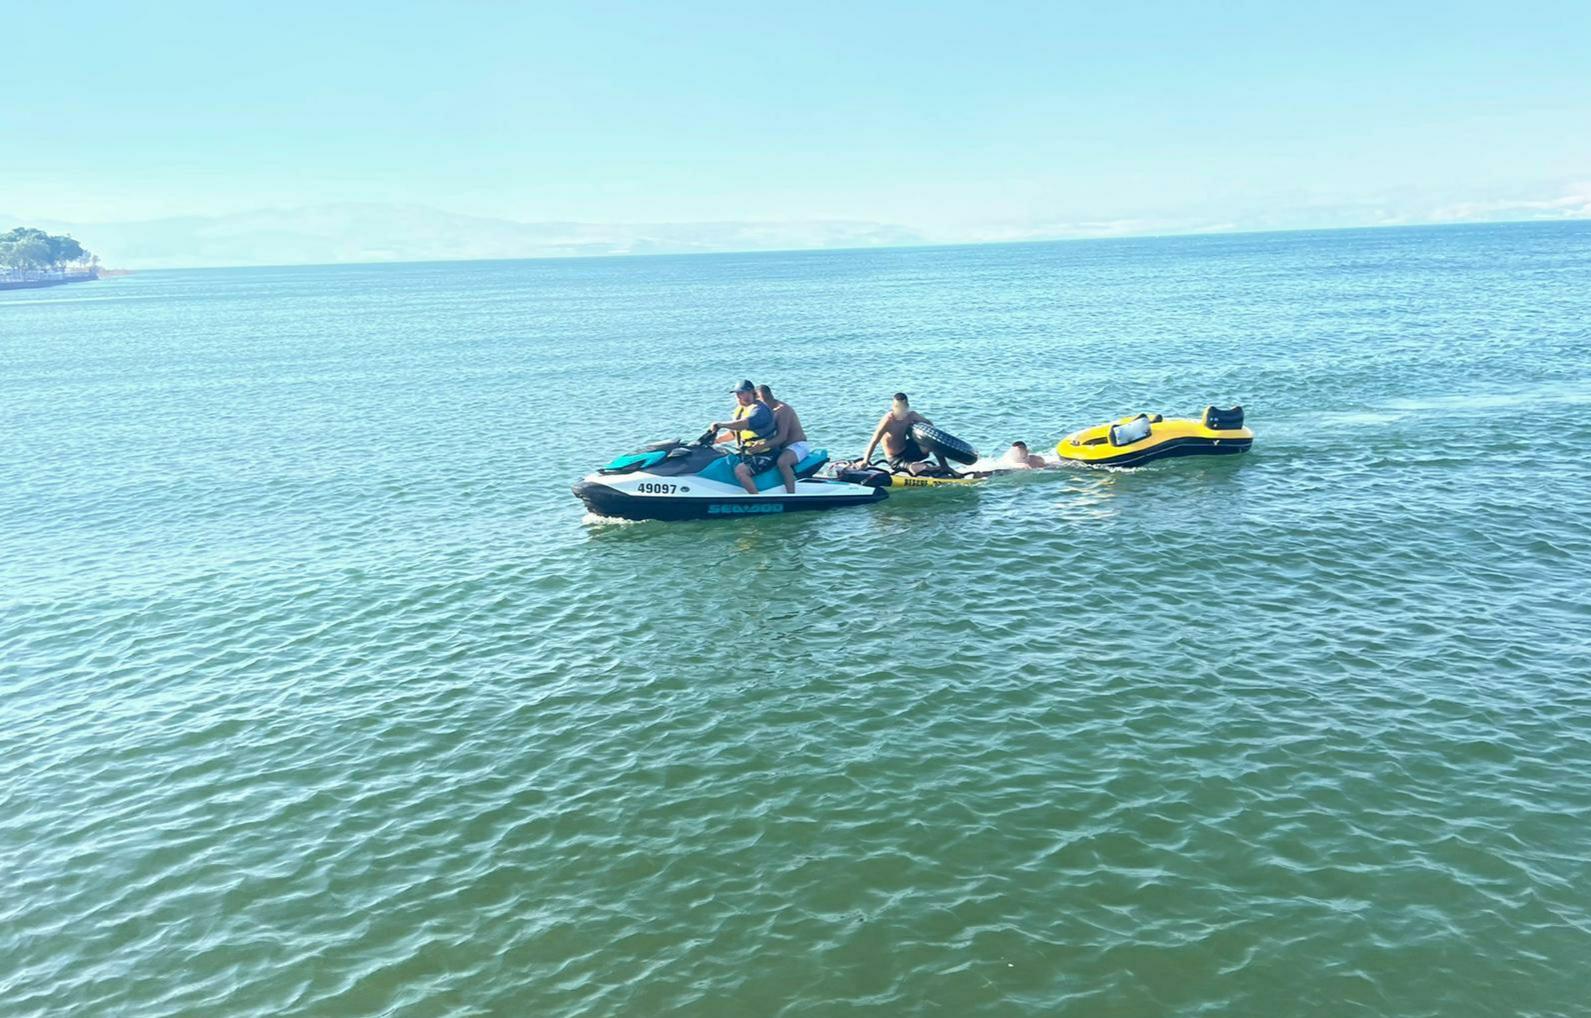 3 אנשים נסחפו בסירת גומי בחוף לא מוכרז והוחזרו לחוף בבטחה